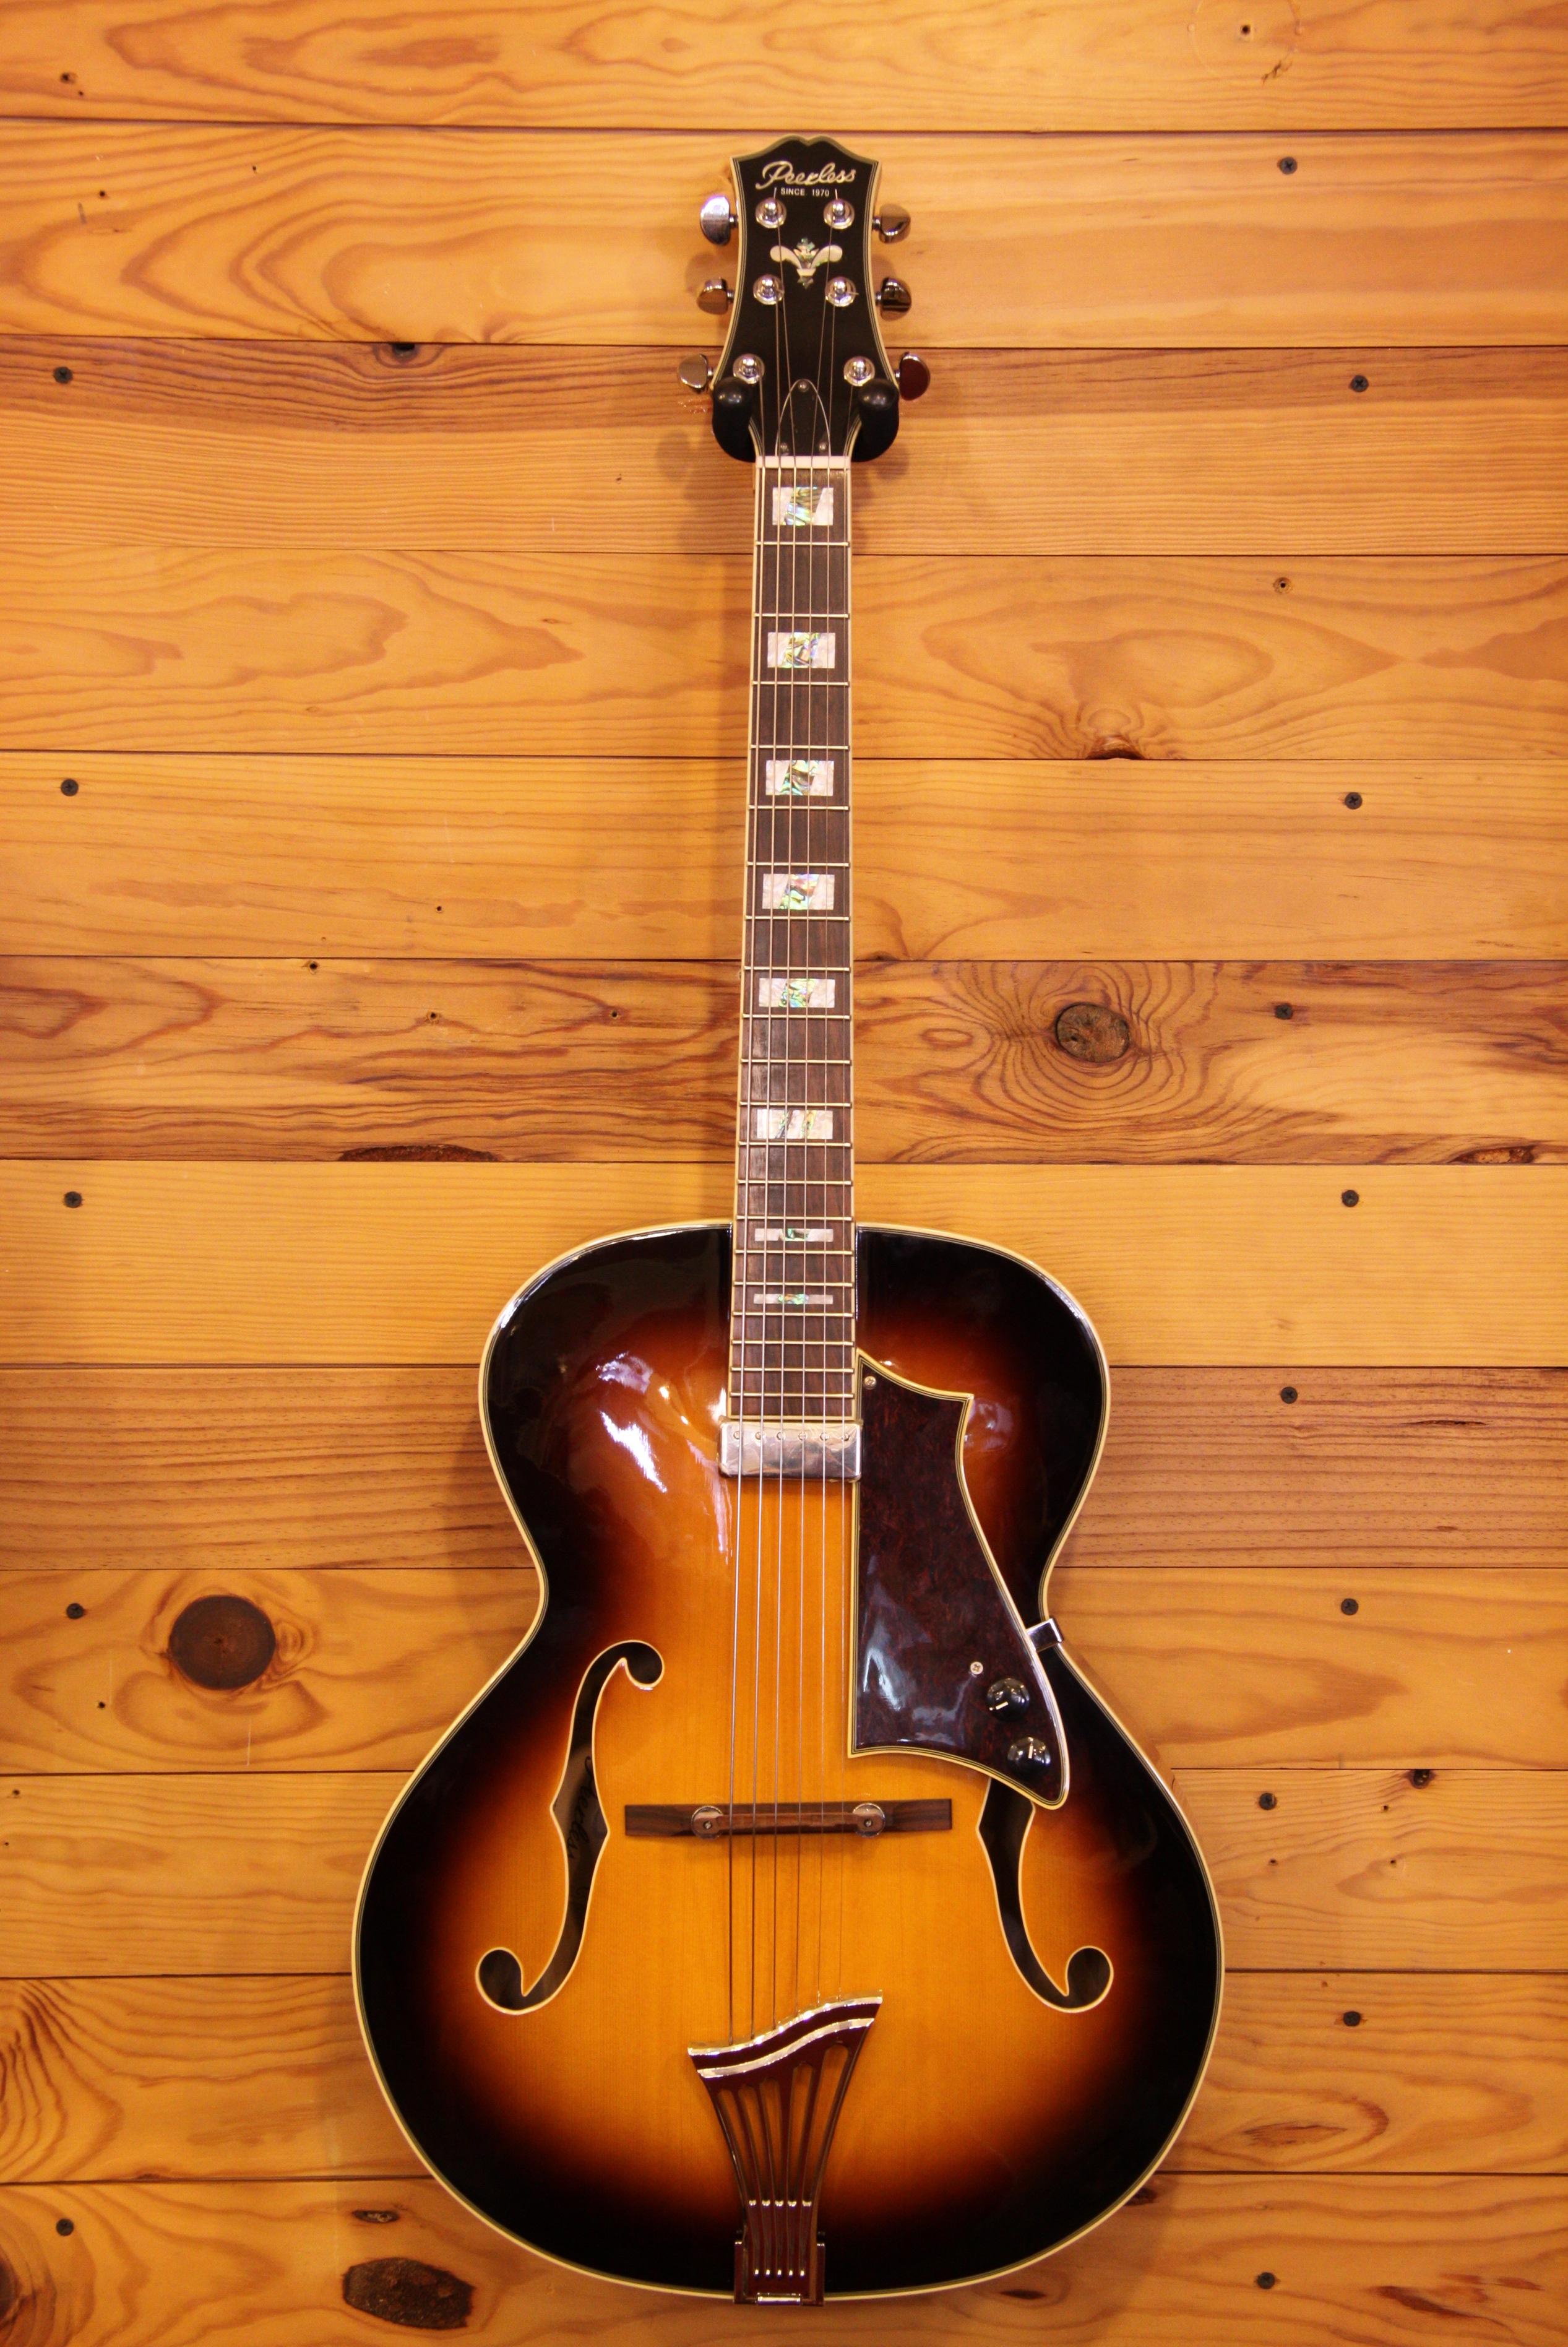 Guitares peerless rockshop magasin de guitares - Magasins de meubles montpellier ...